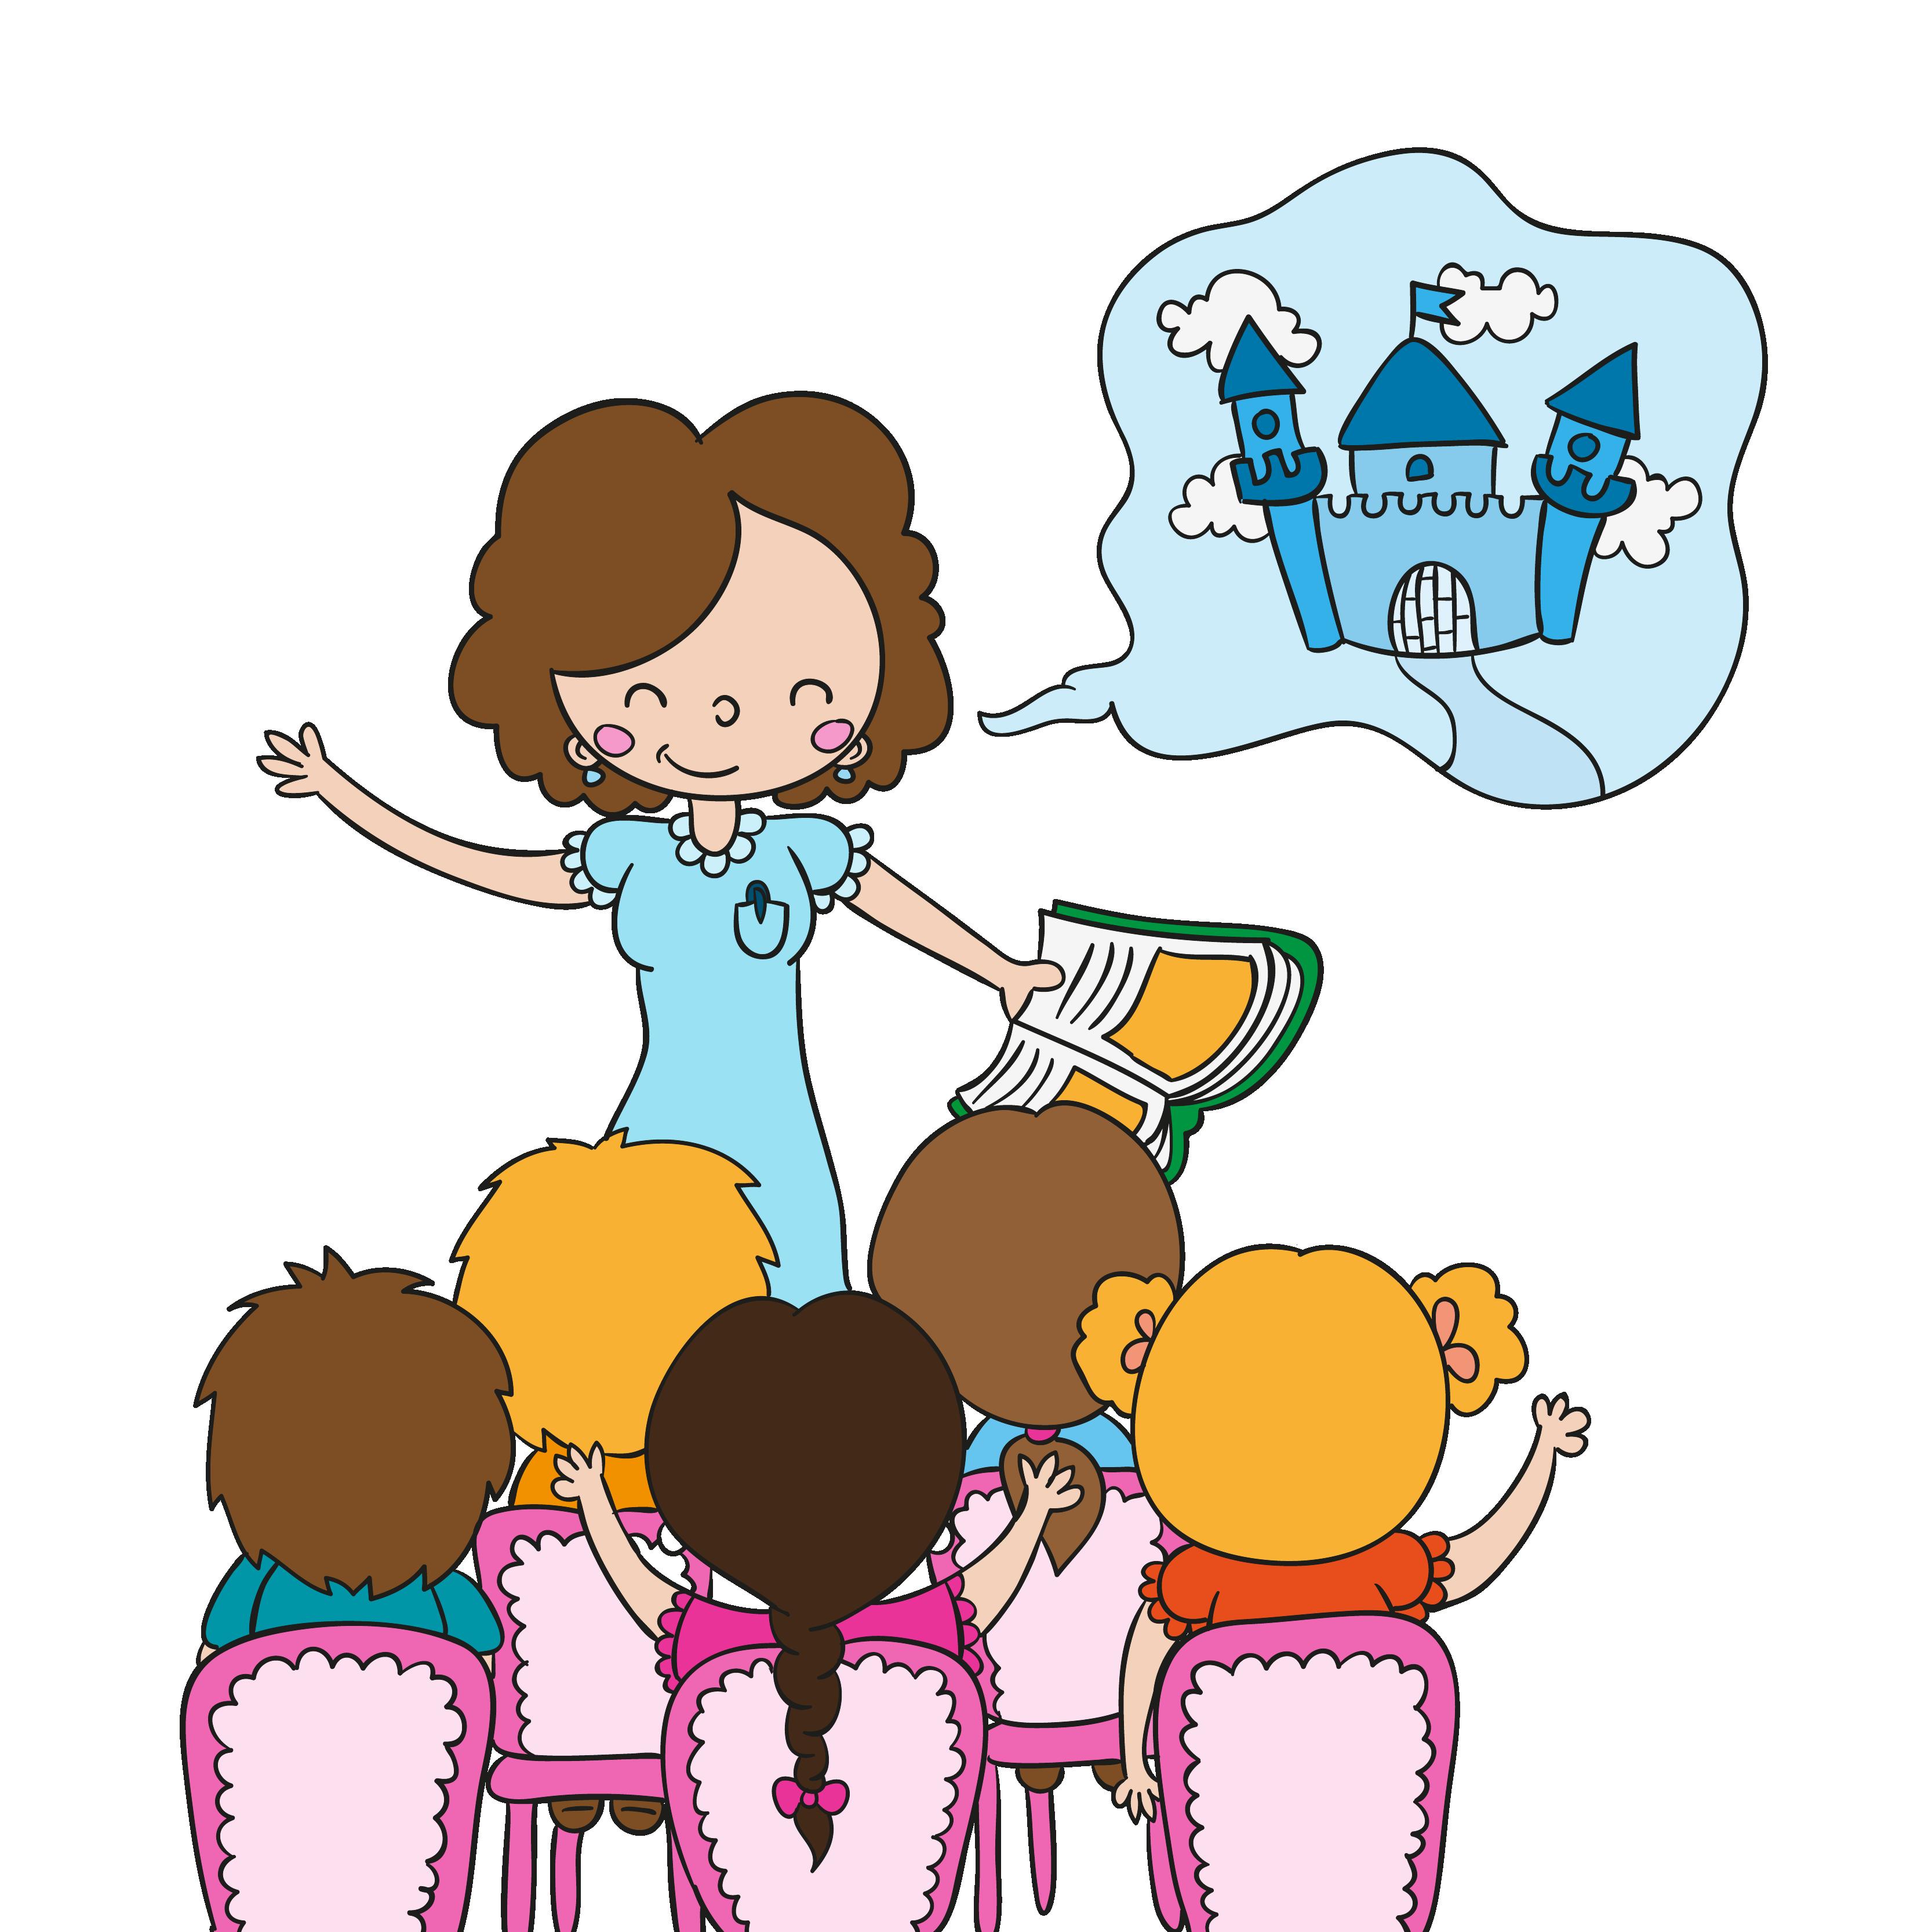 kisspng-teachers-day-school-teacher-dxeda-del-profesor-edu-teacher-5a7a9d61823a82.4121531415179851215334